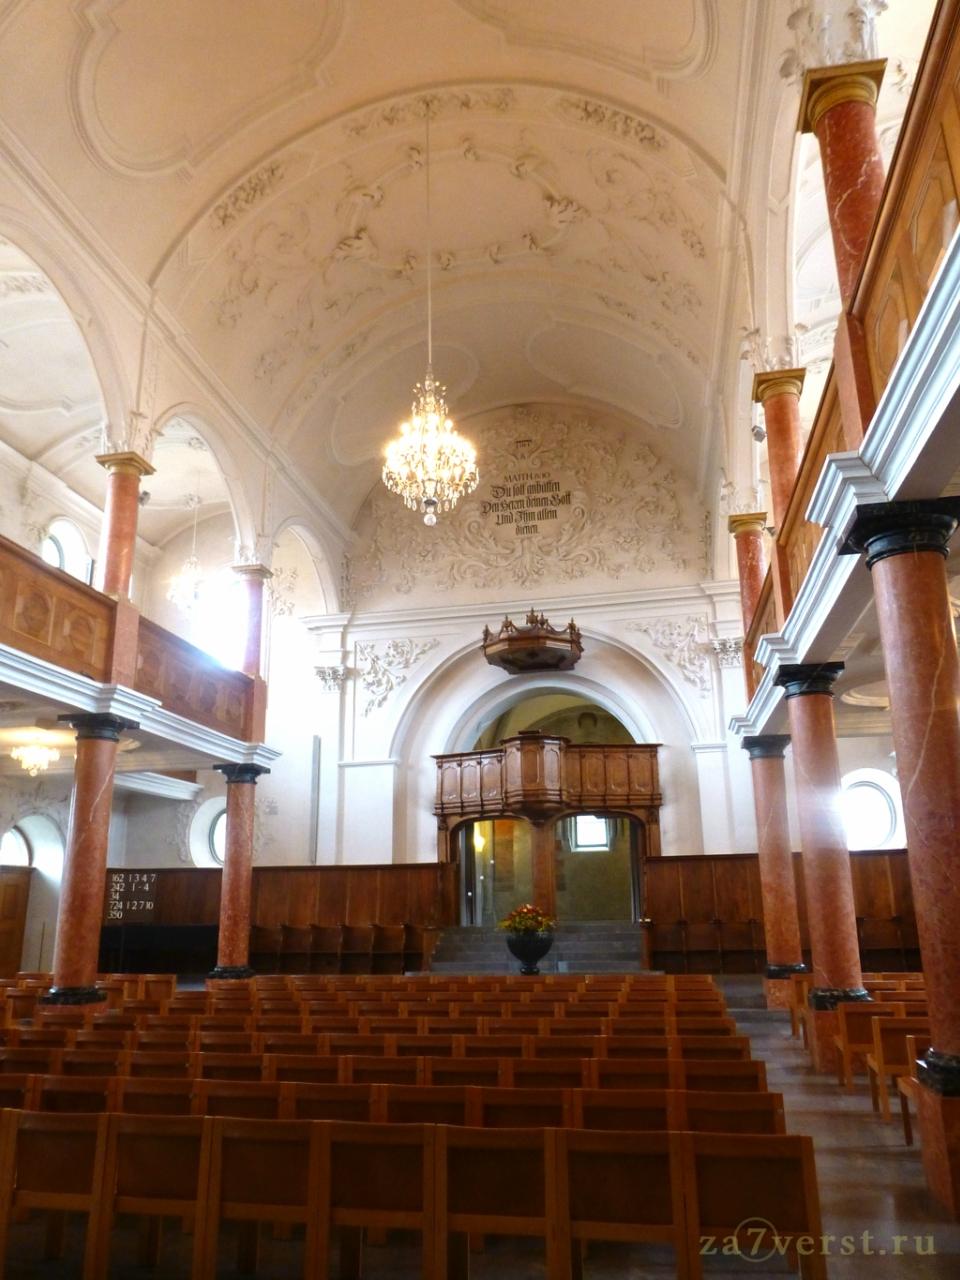 Собор святого Петра, Цюрихе, Швейцария